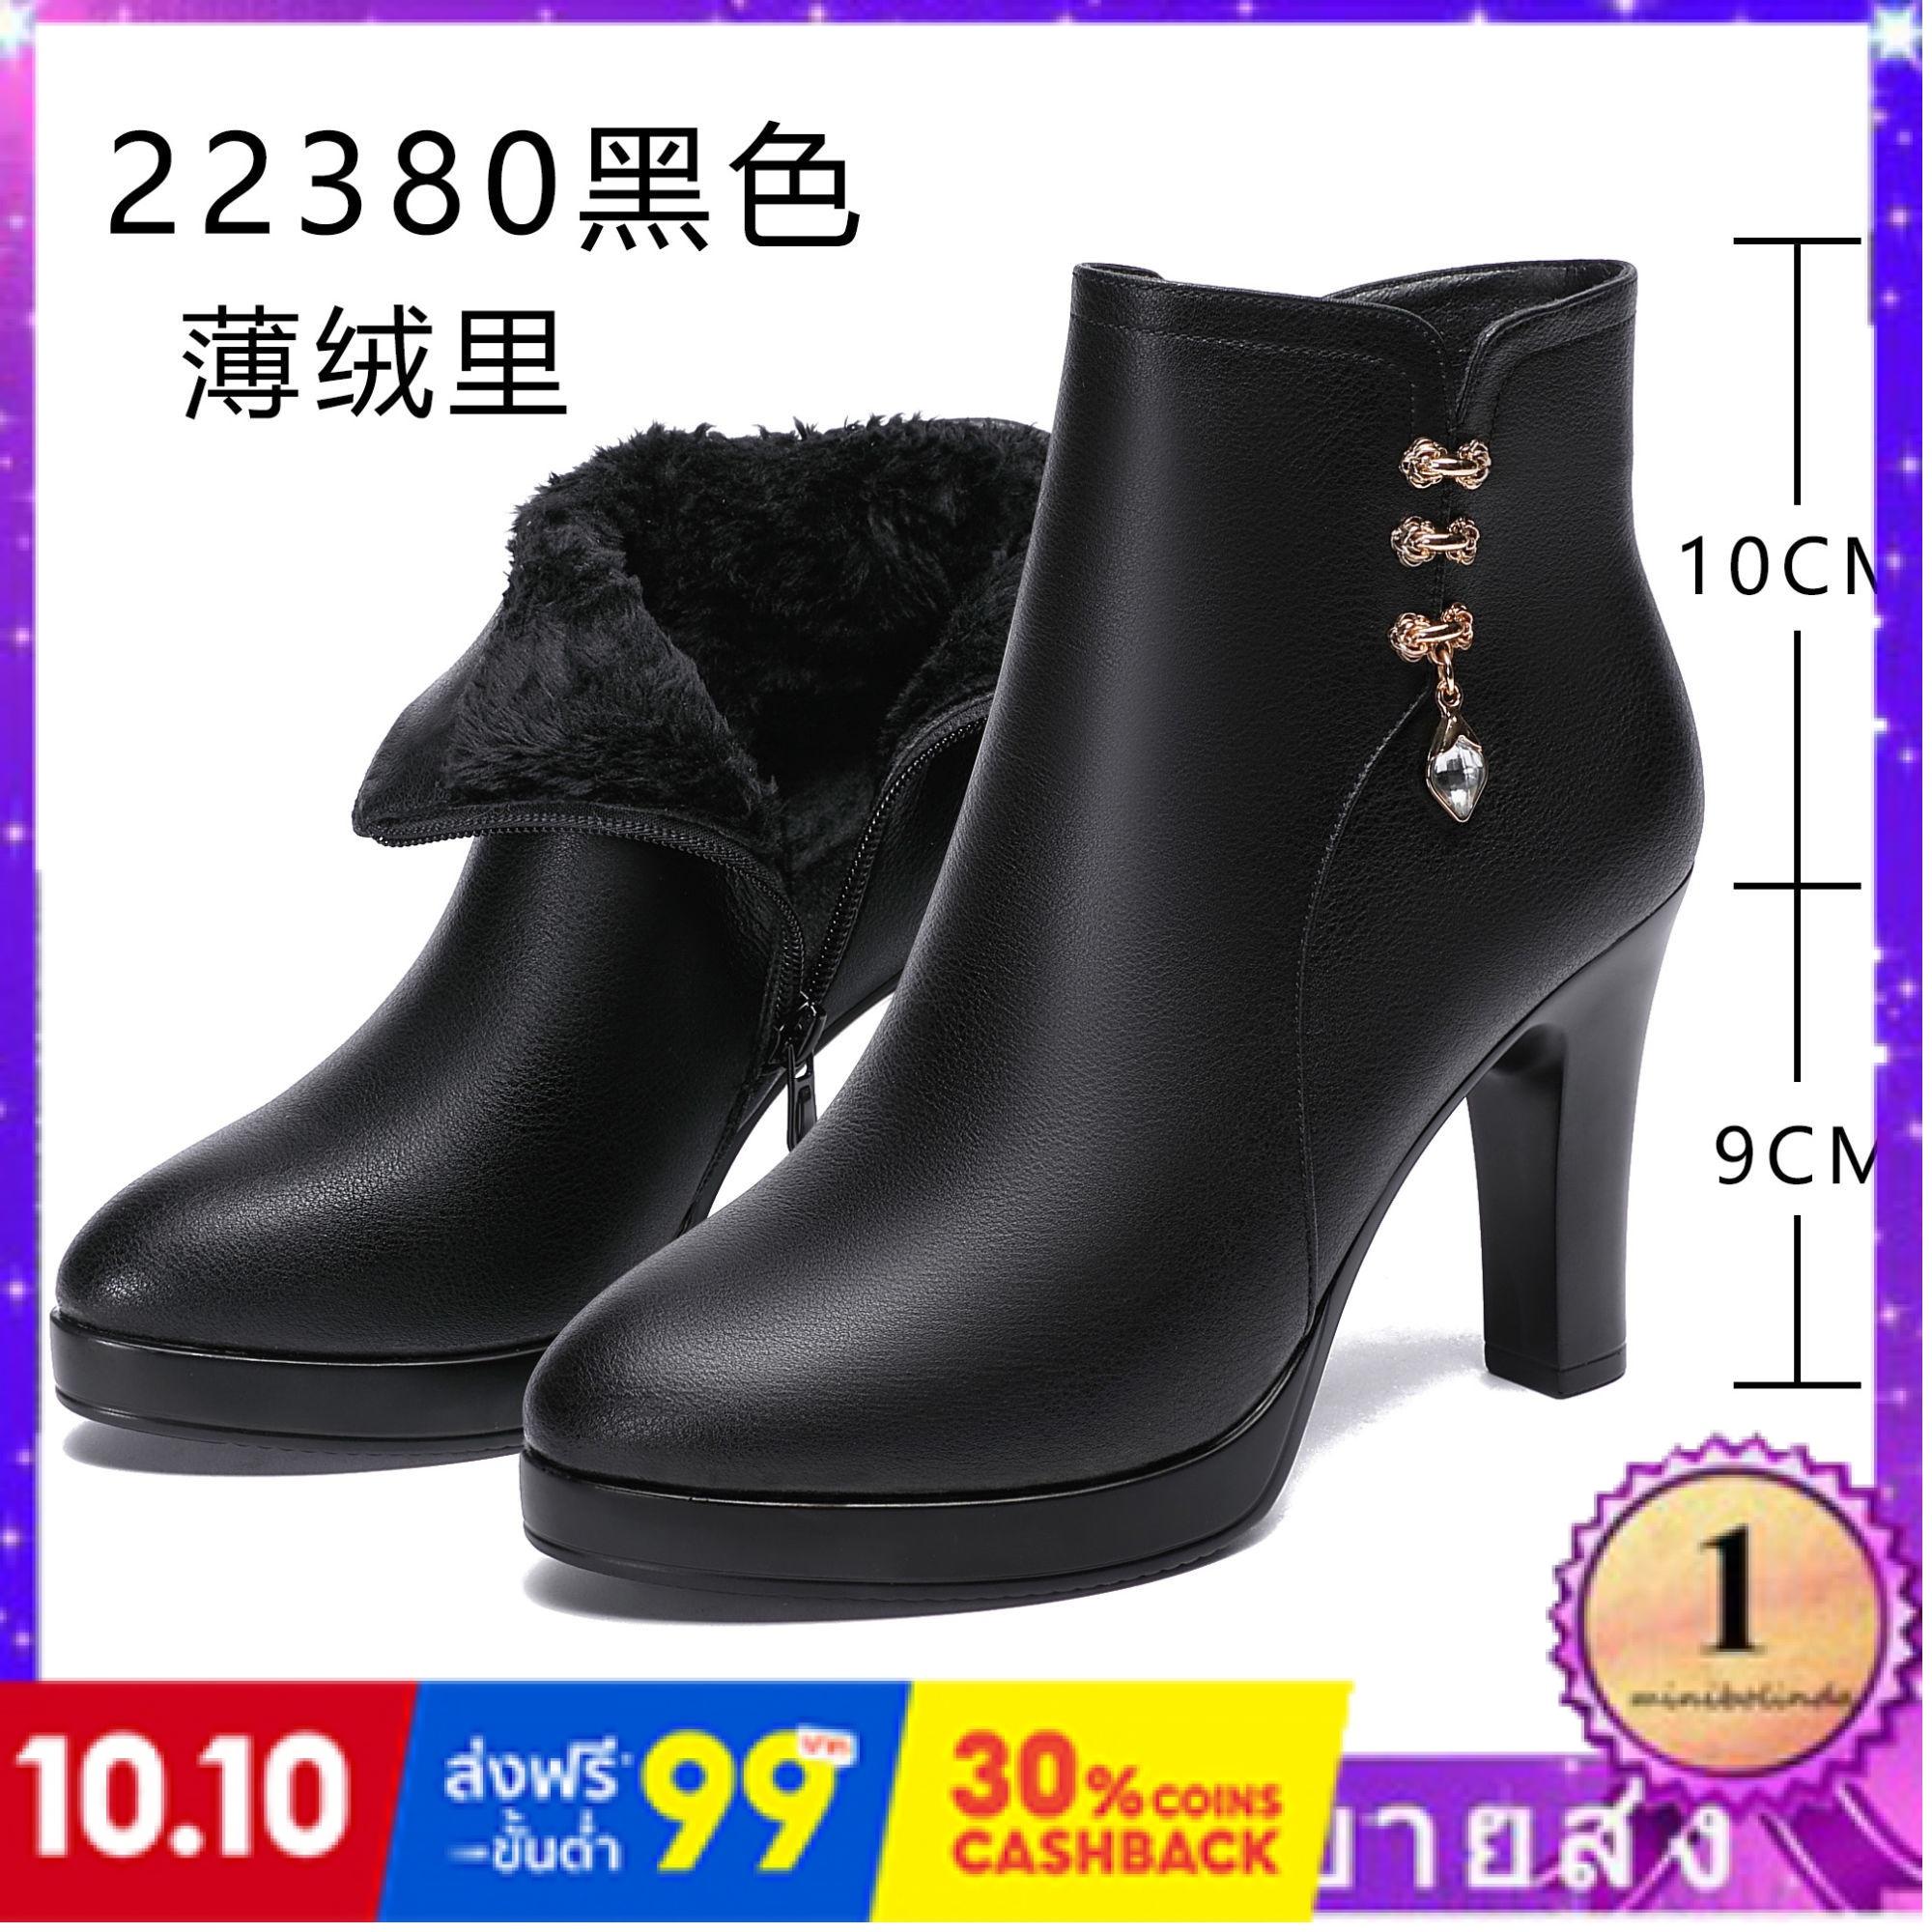 ⭐👠รองเท้าส้นสูง หัวแหลม ส้นเข็ม ใส่สบาย New Fshion รองเท้าคัชชูหัวแหลม  รองเท้าแฟชั่นใหม่ของผู้หญิงรองเท้าผ้าฝ้ายรองเท้า